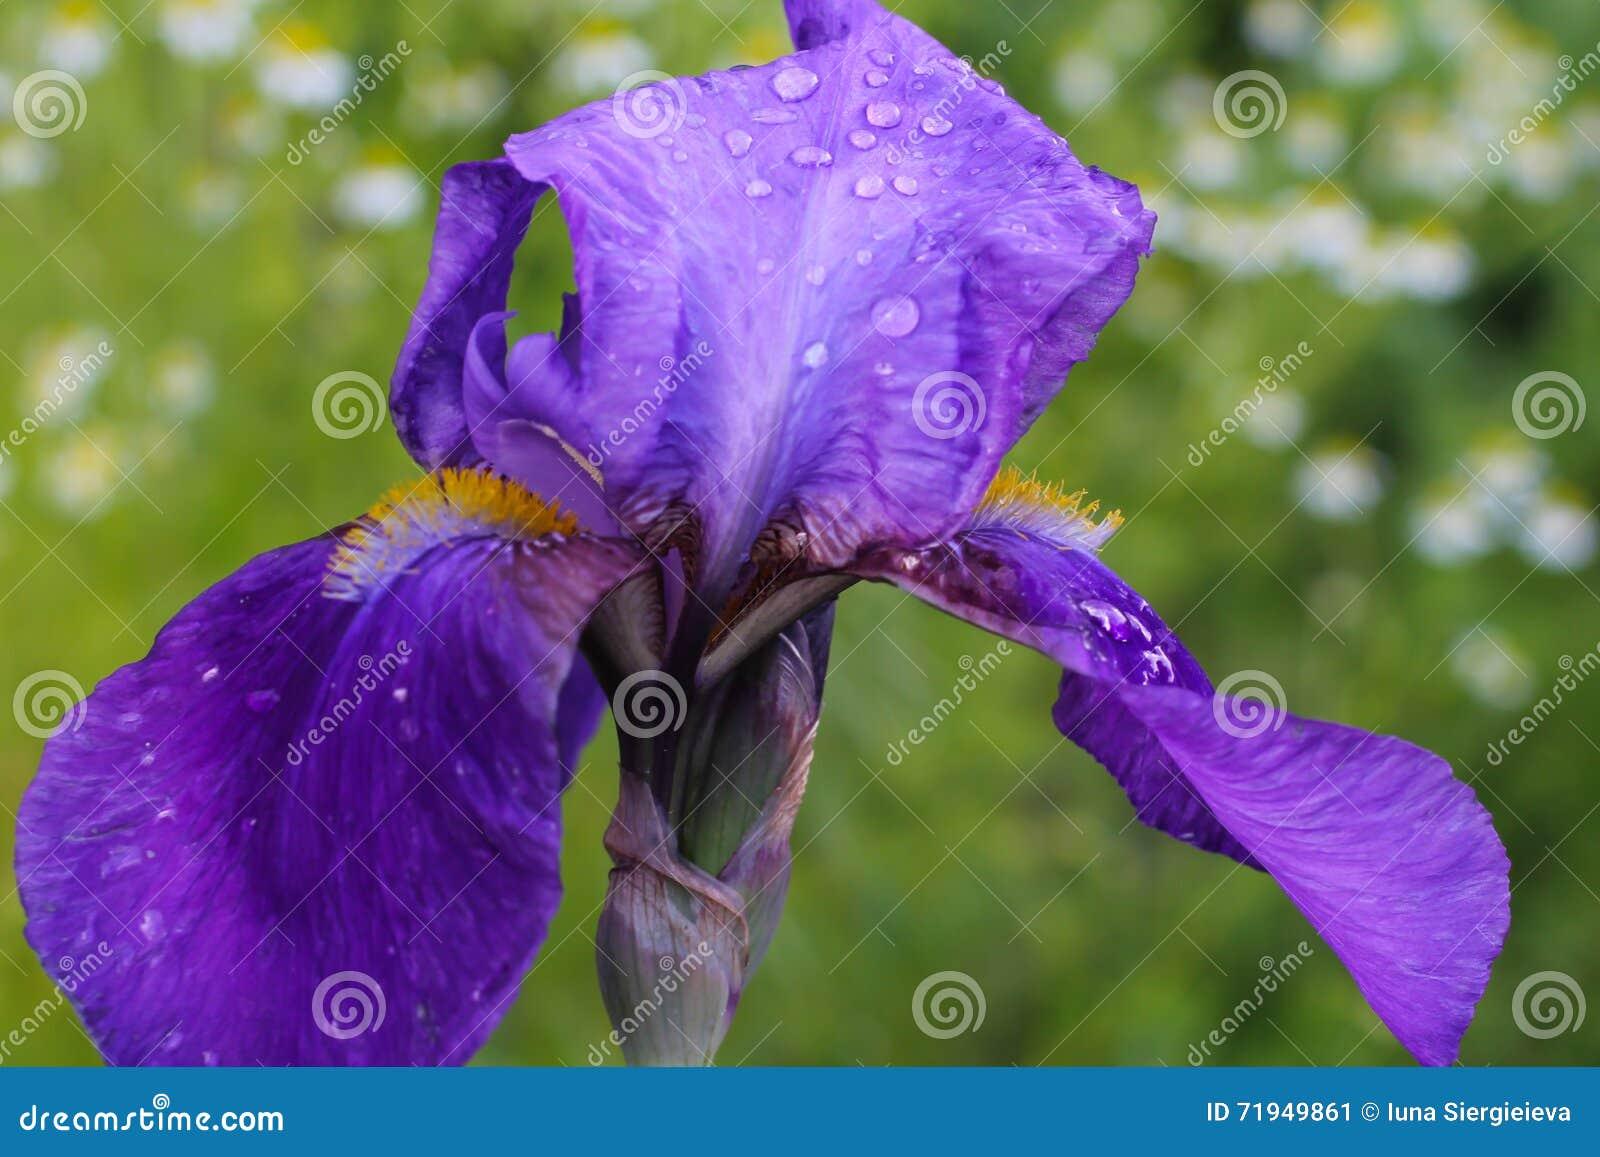 Irises after the rain iris flower with rain drops on the petals download irises after the rain iris flower with rain drops on the petals delicate izmirmasajfo